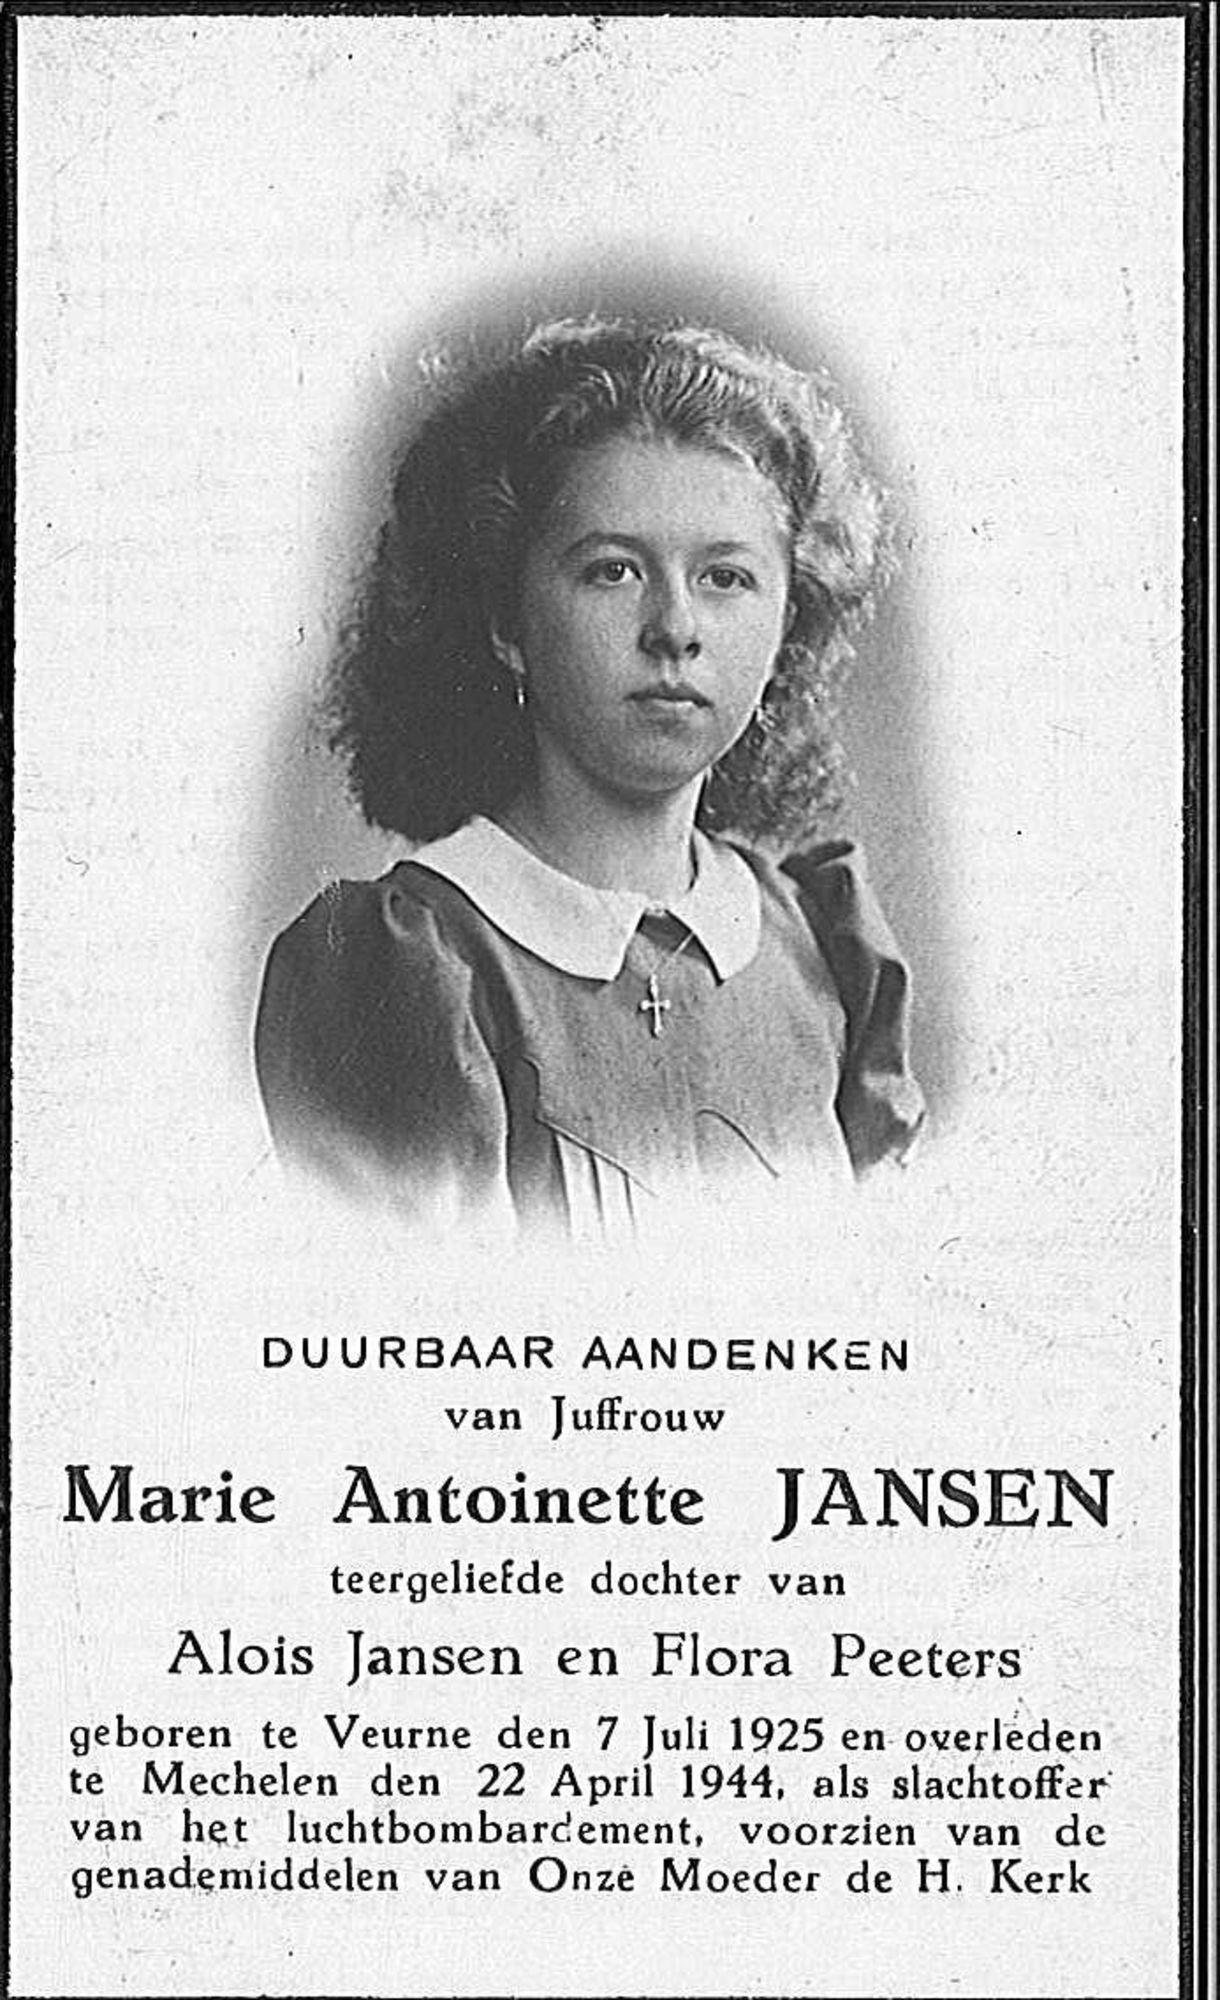 Marie-Antoinette Jansen